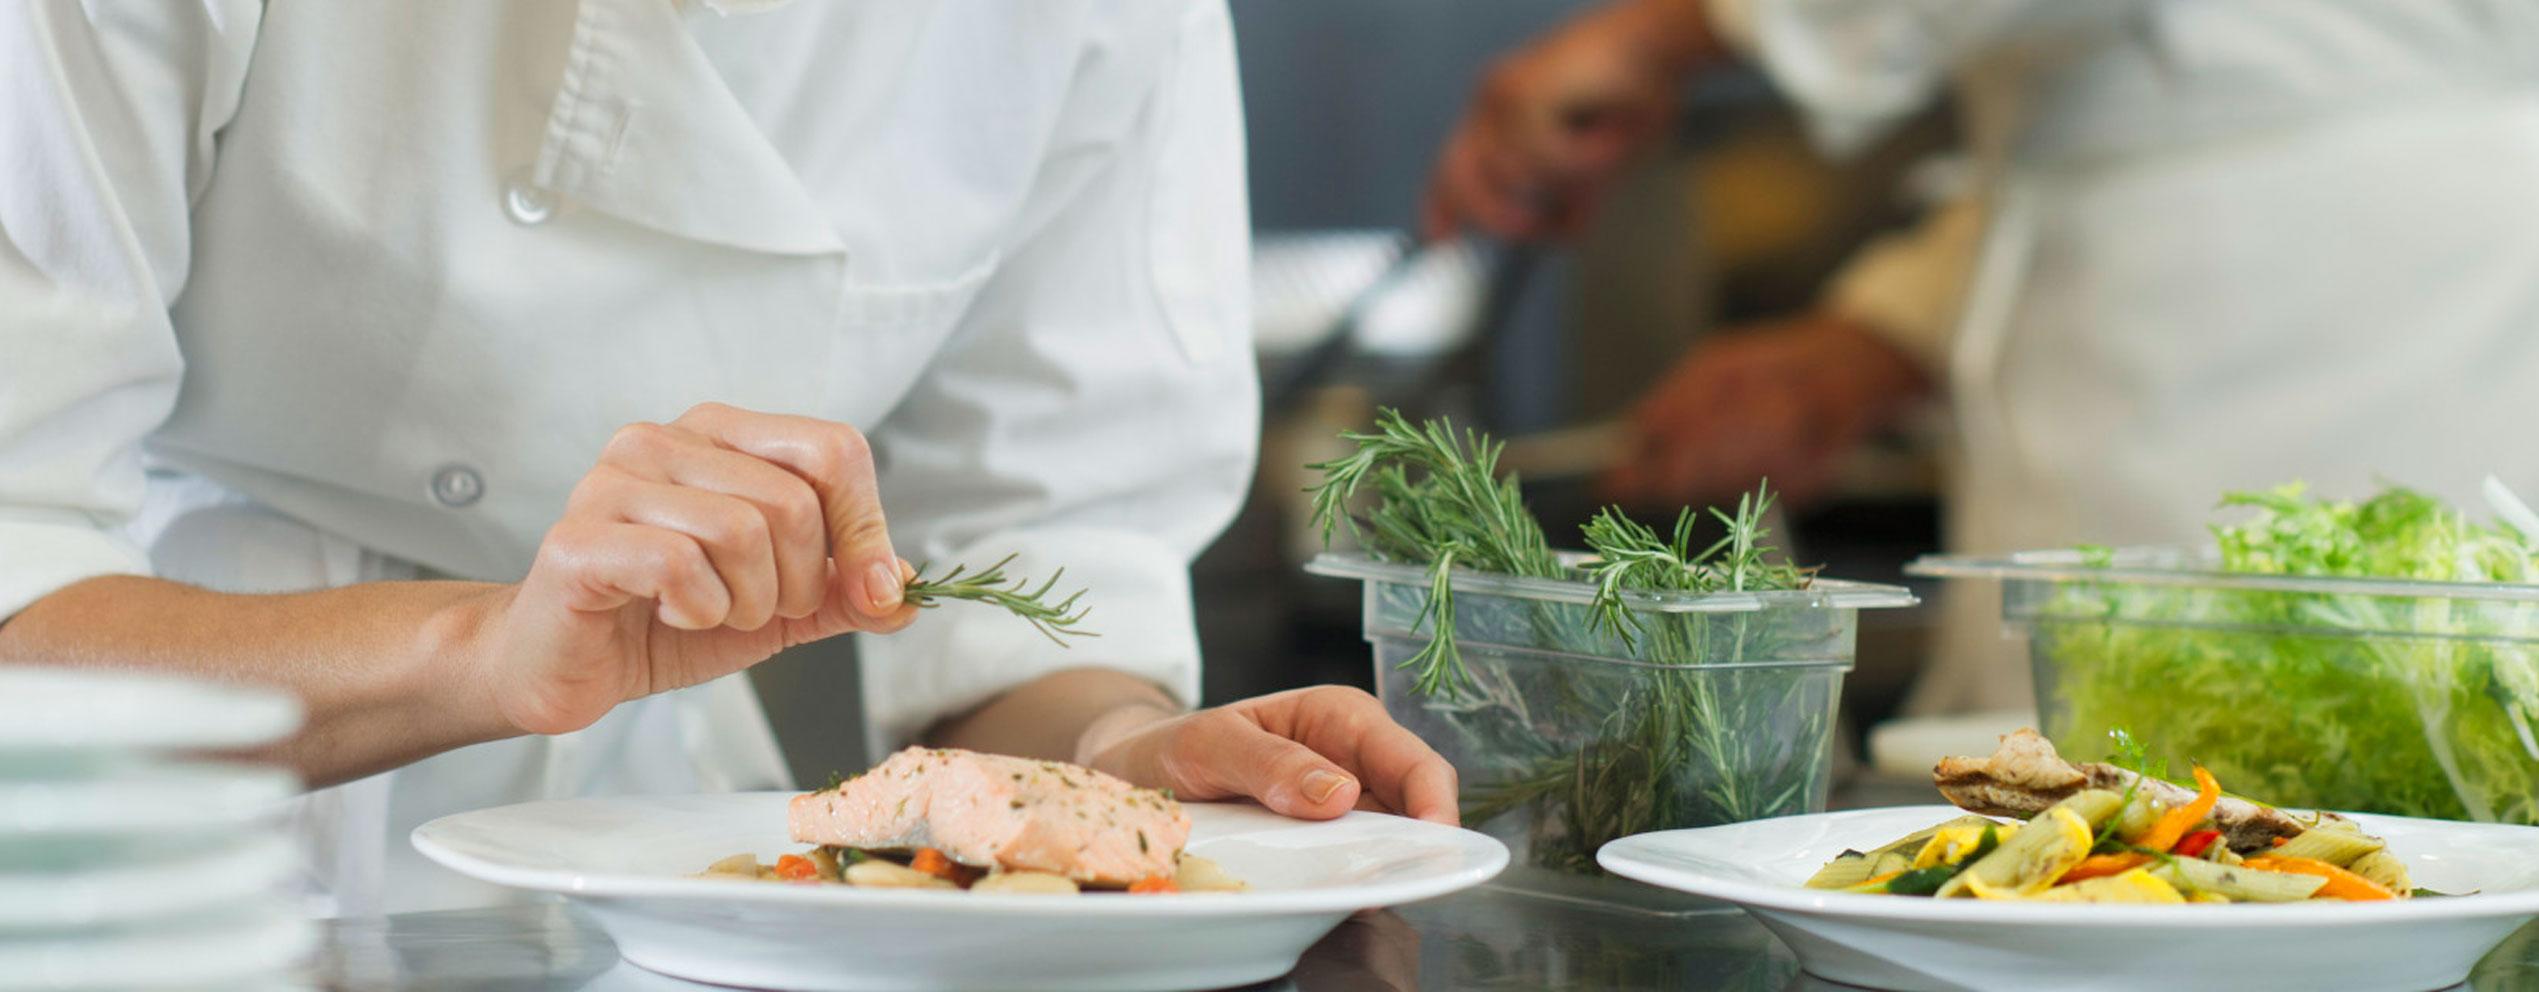 Cursos de cocina y elaboraciones foorma for Clases particulares de cocina